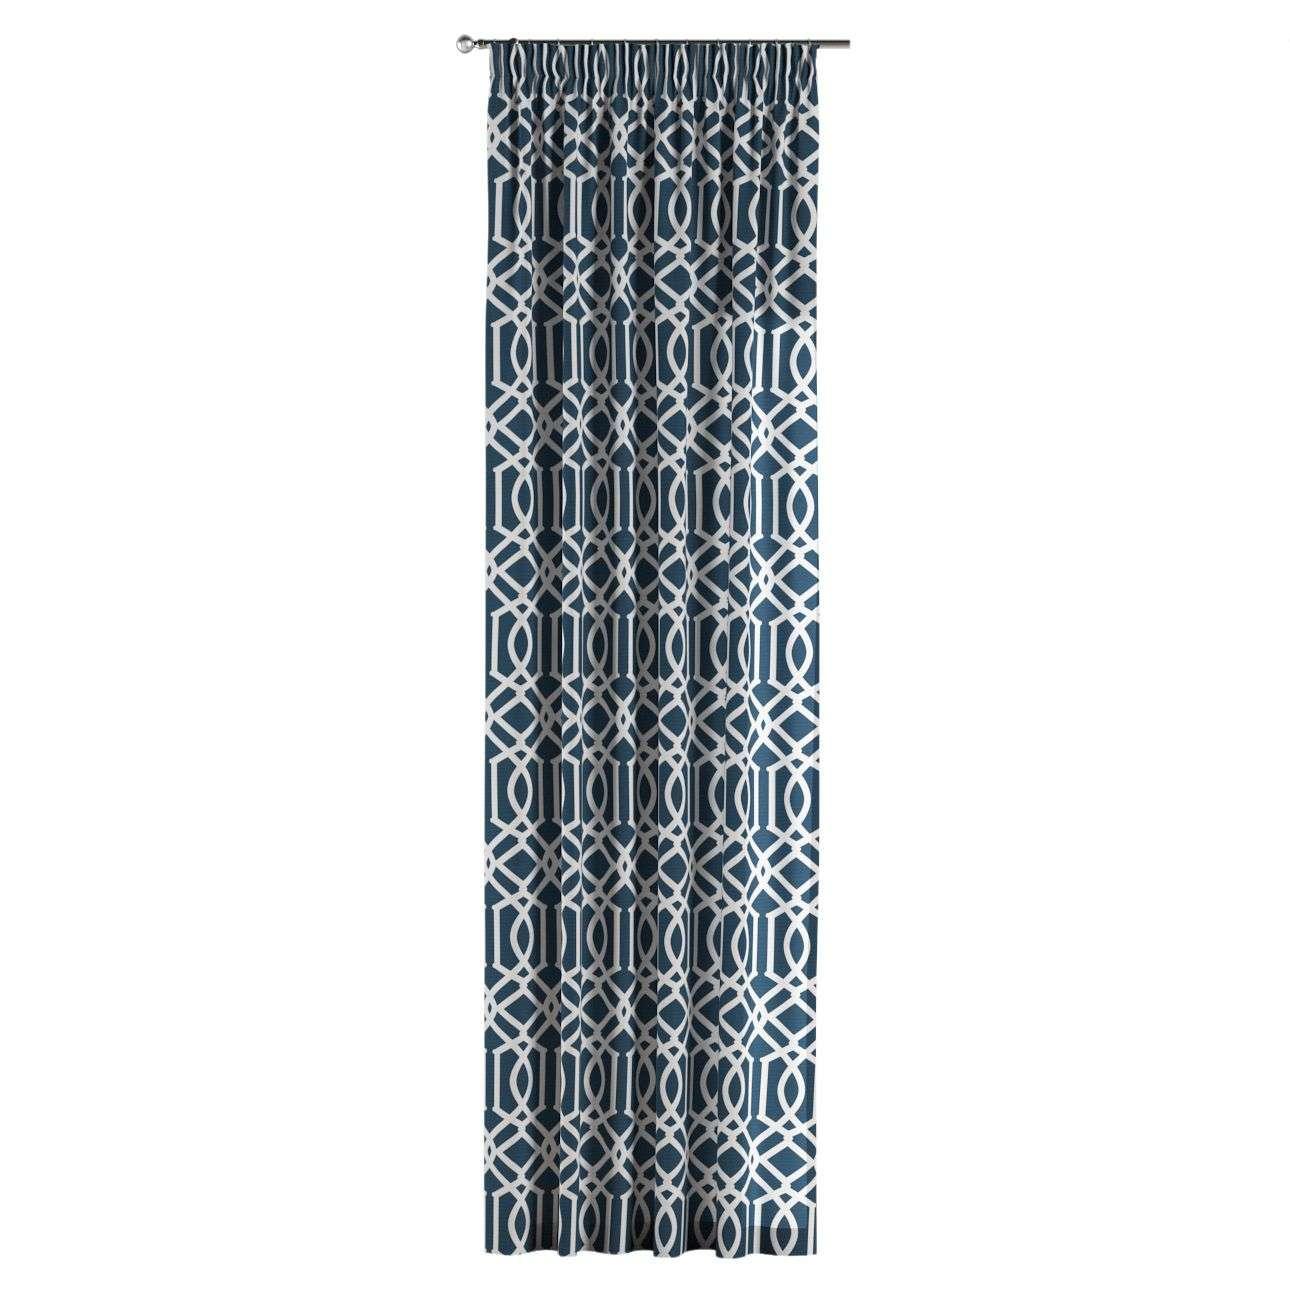 Függöny ráncolóval 130 x 260 cm a kollekcióból Lakástextil Comics, Dekoranyag: 135-10